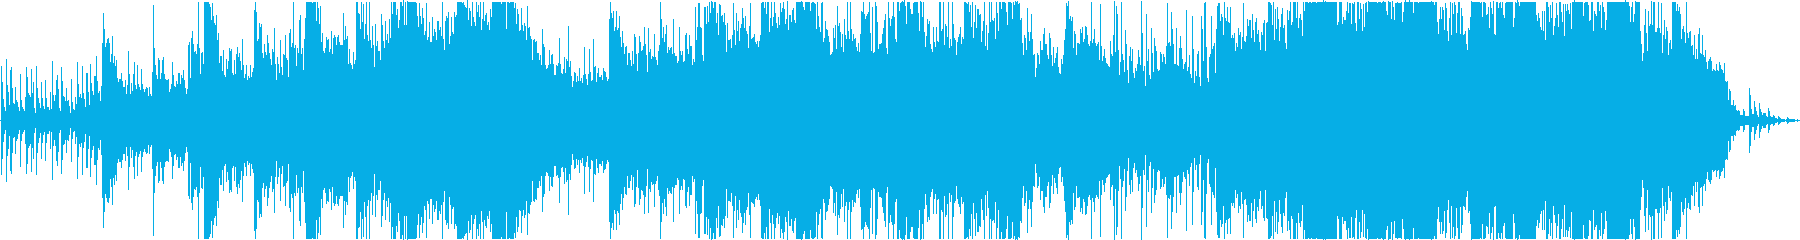 アンビエントで栄光の曲の再生済みの波形